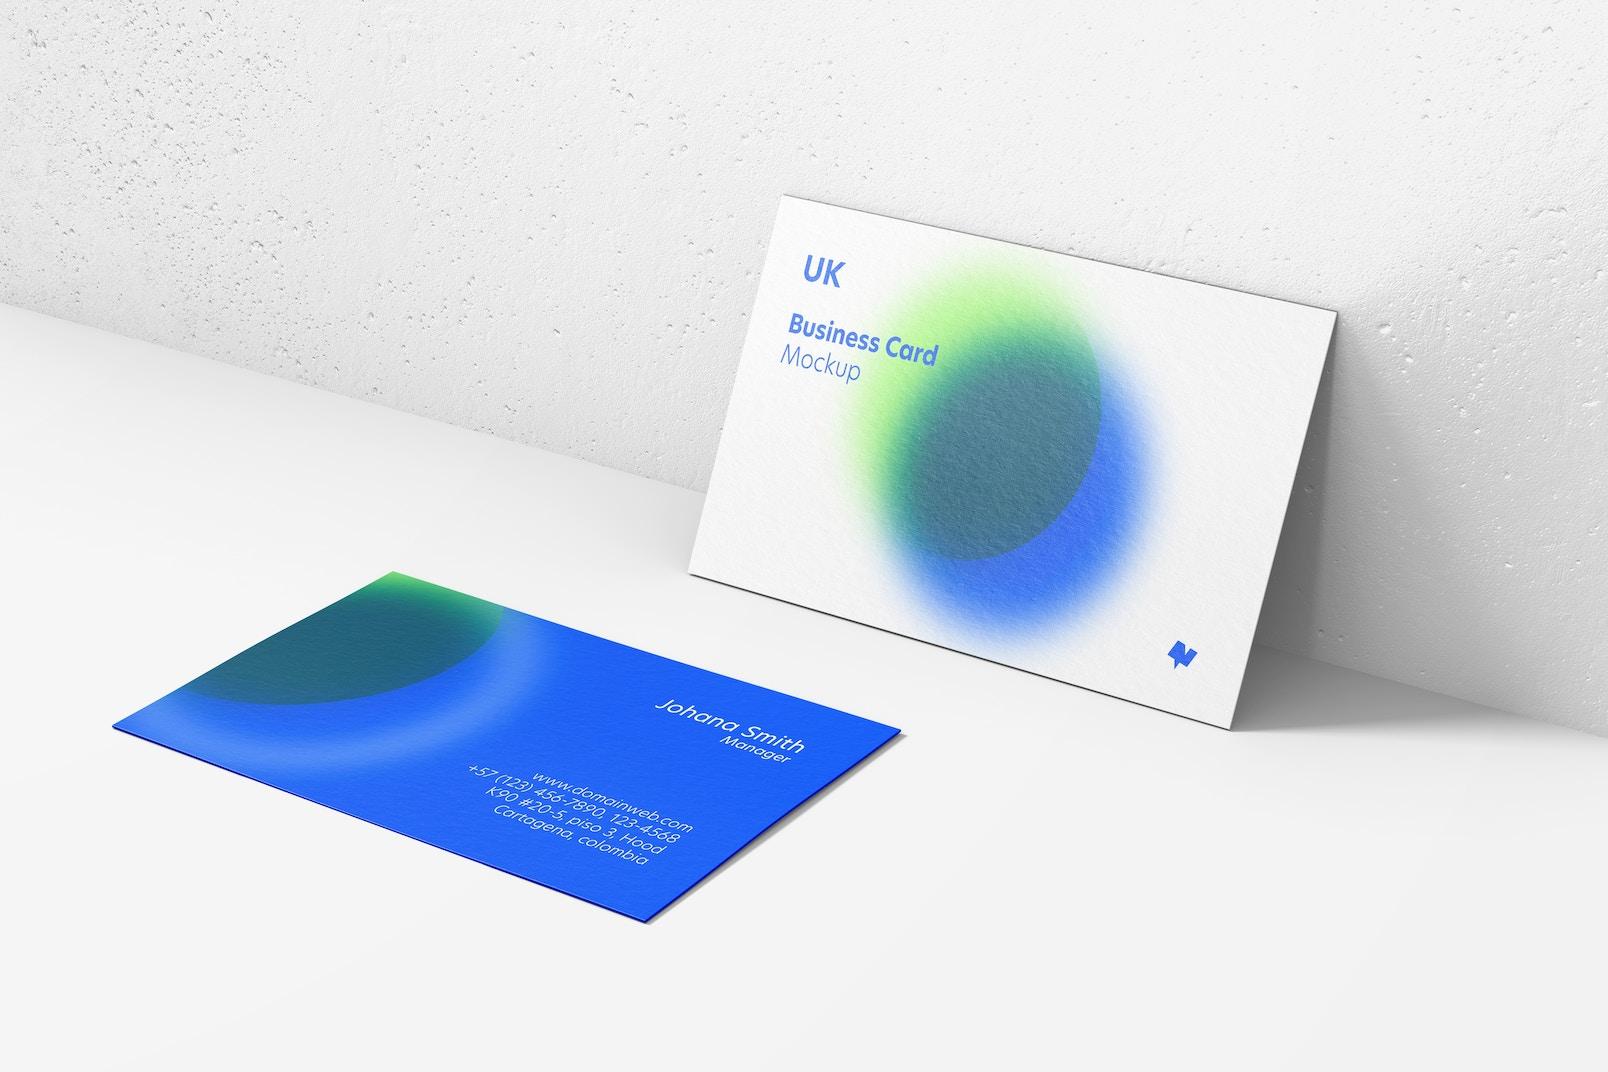 UK Landscape Business Cards Mockup